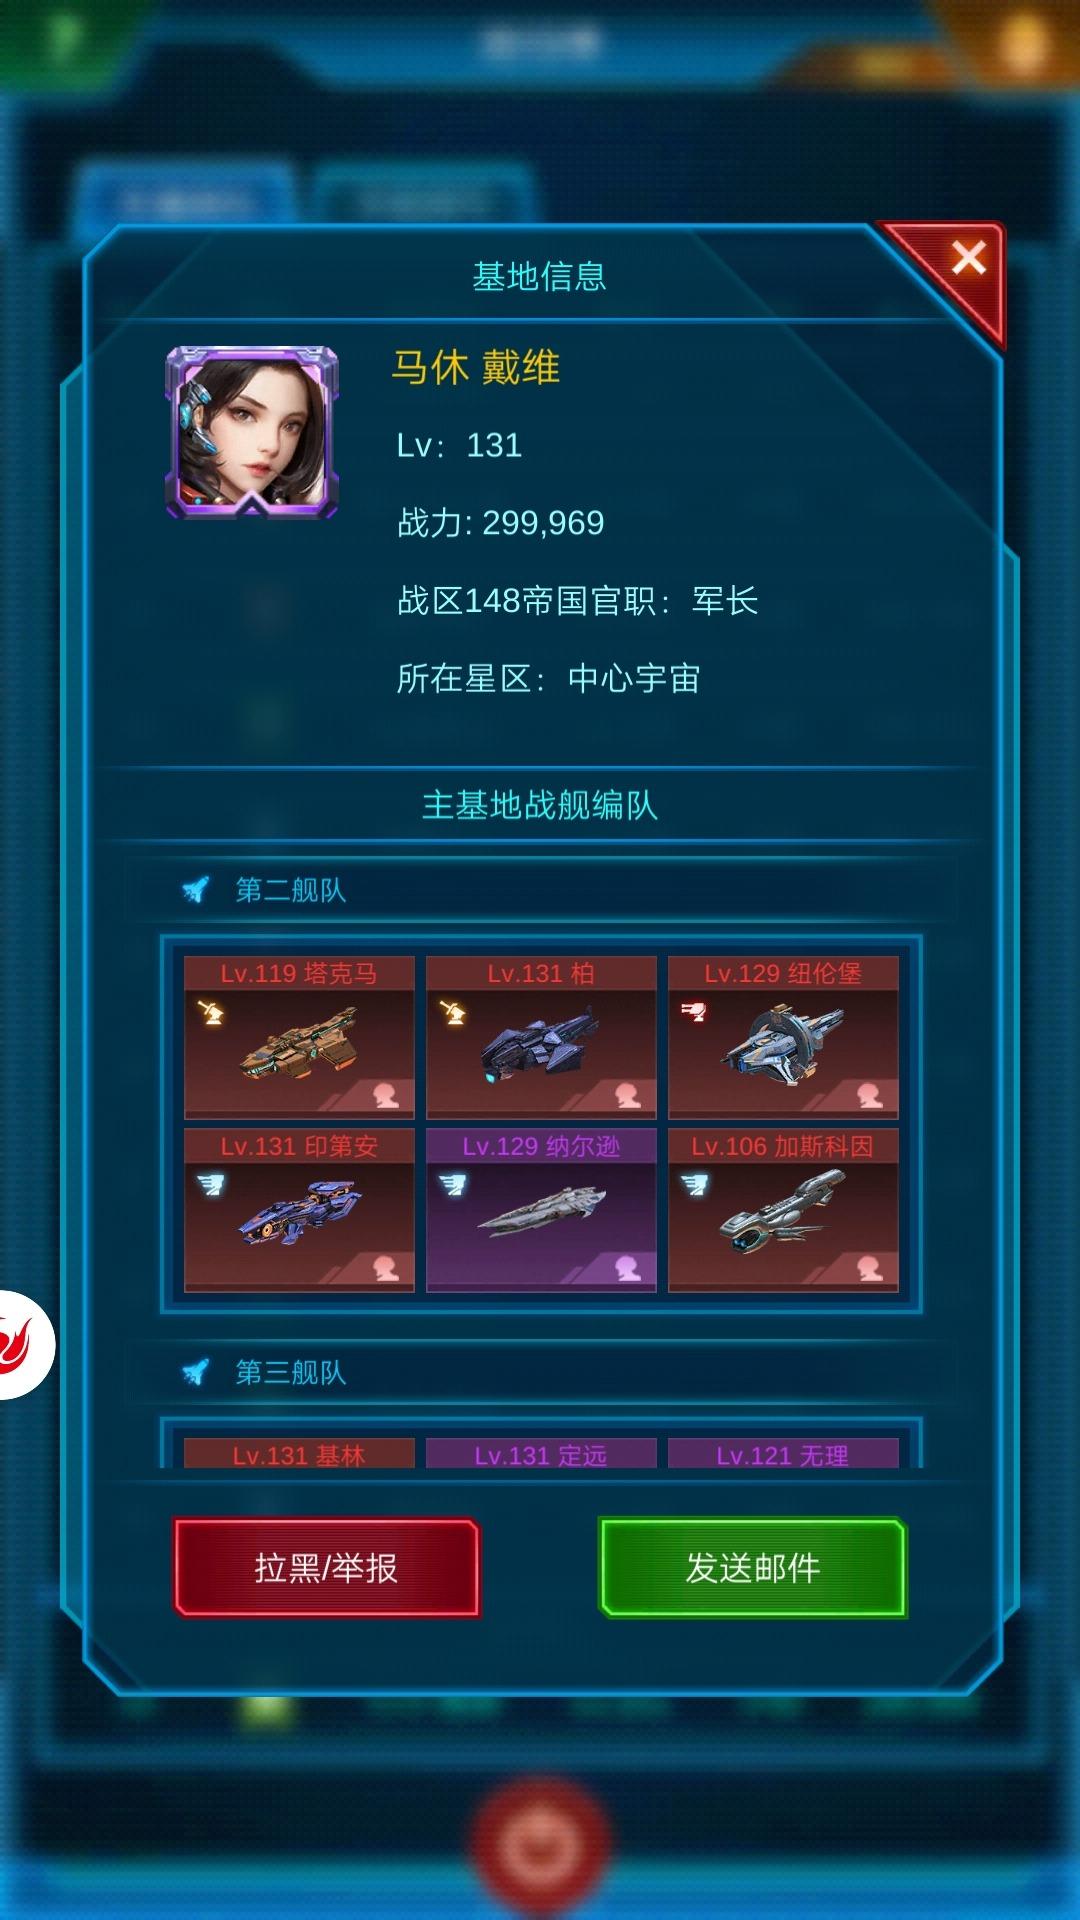 Screenshot_20200110_181446.jpg